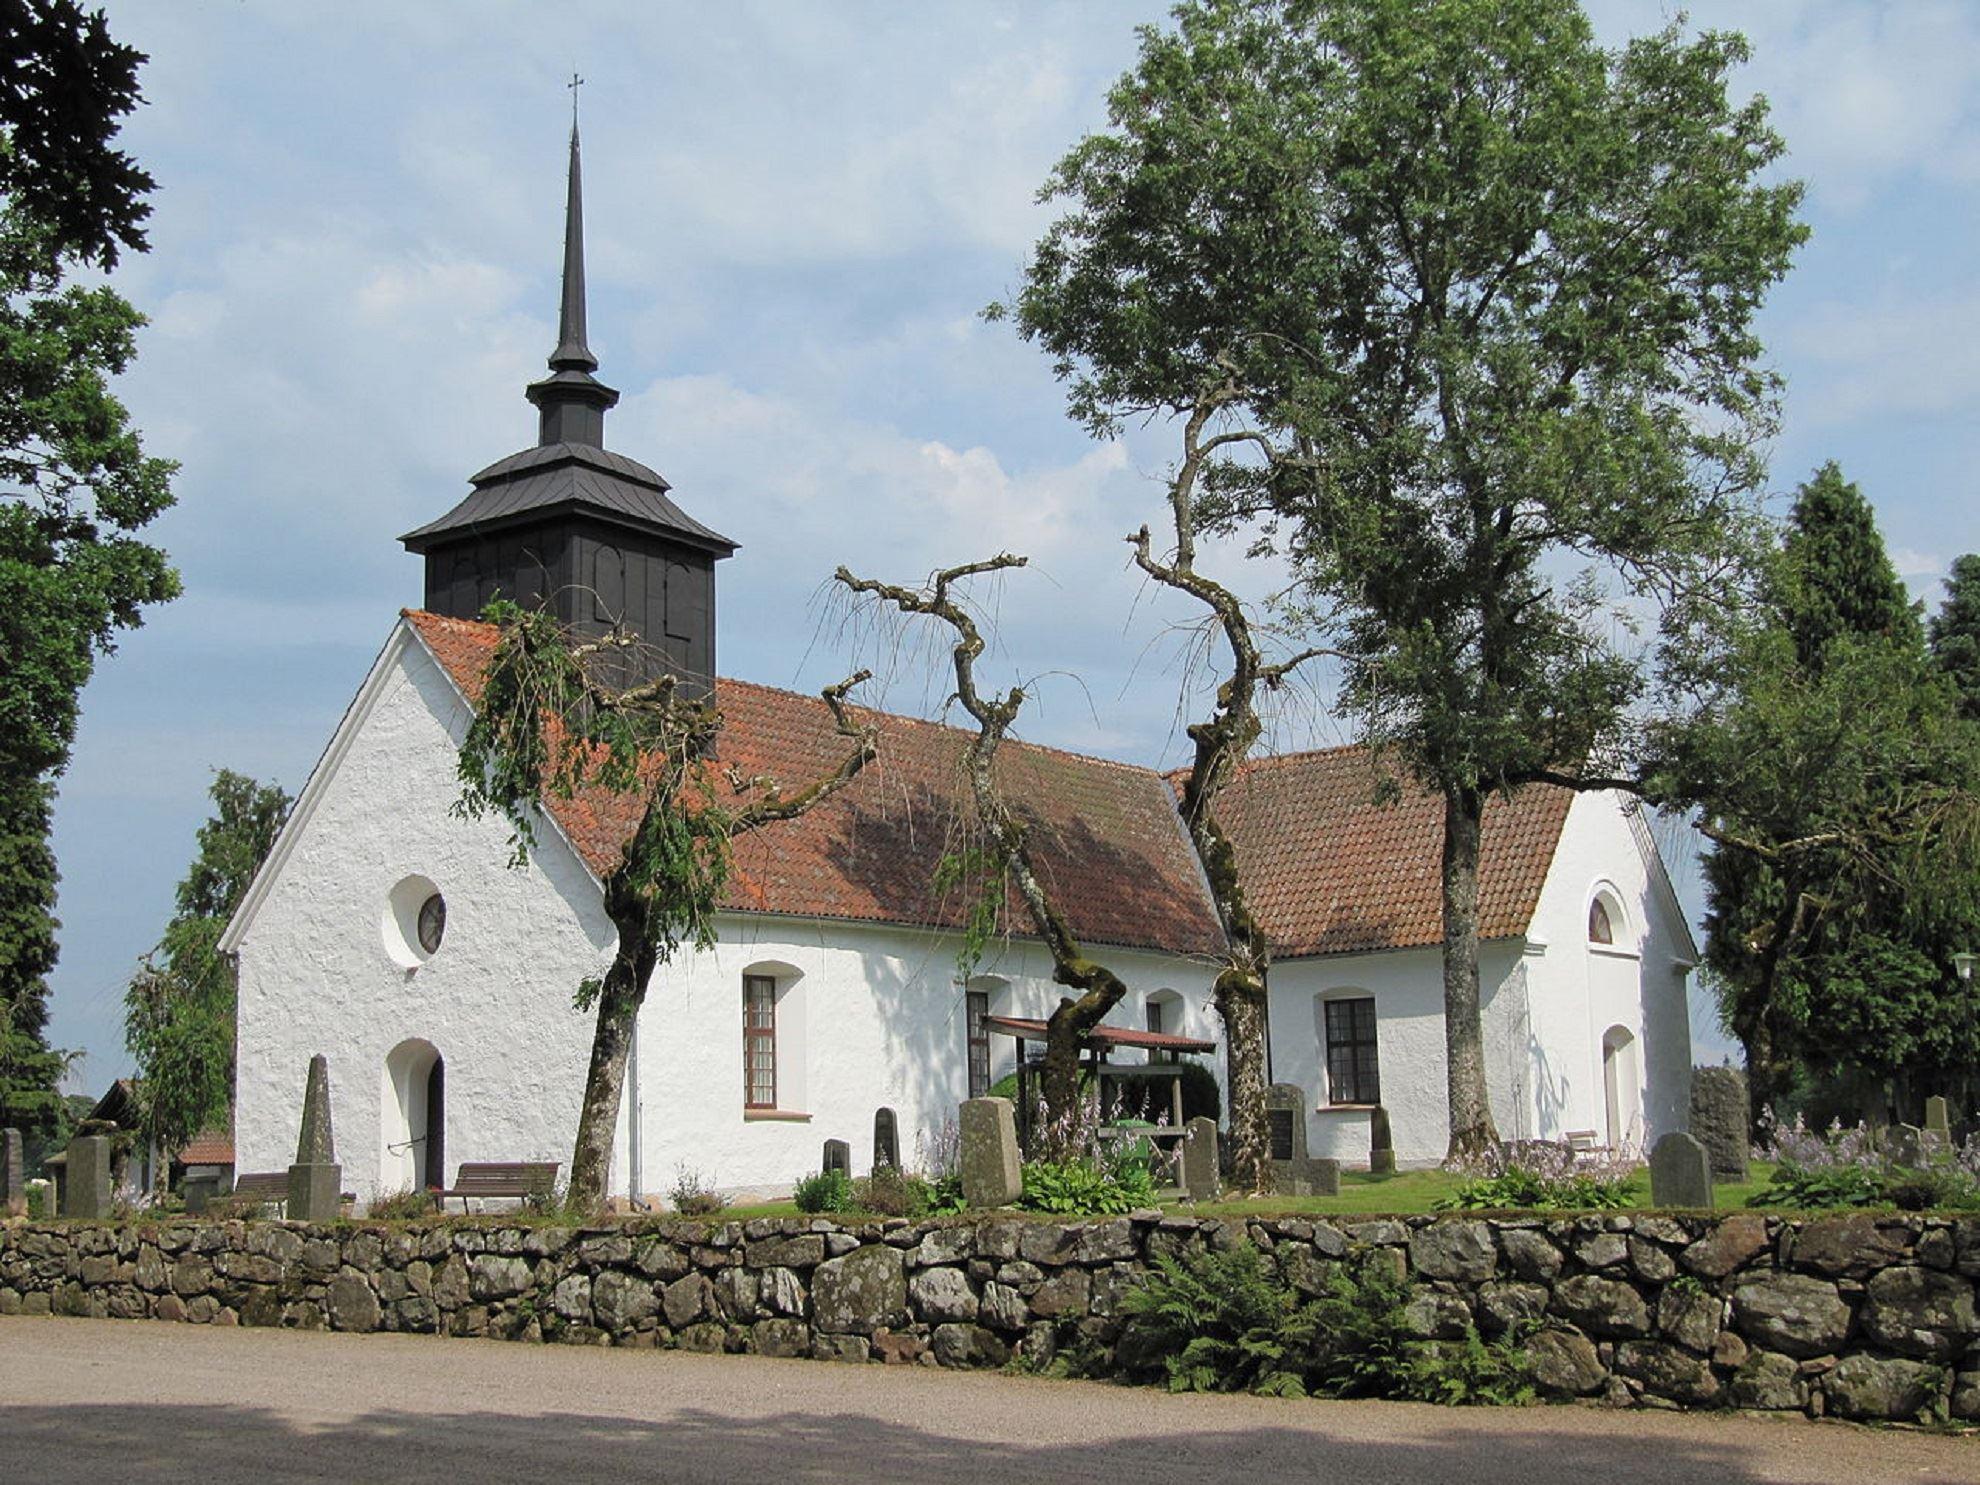 Tåssjö Kirche